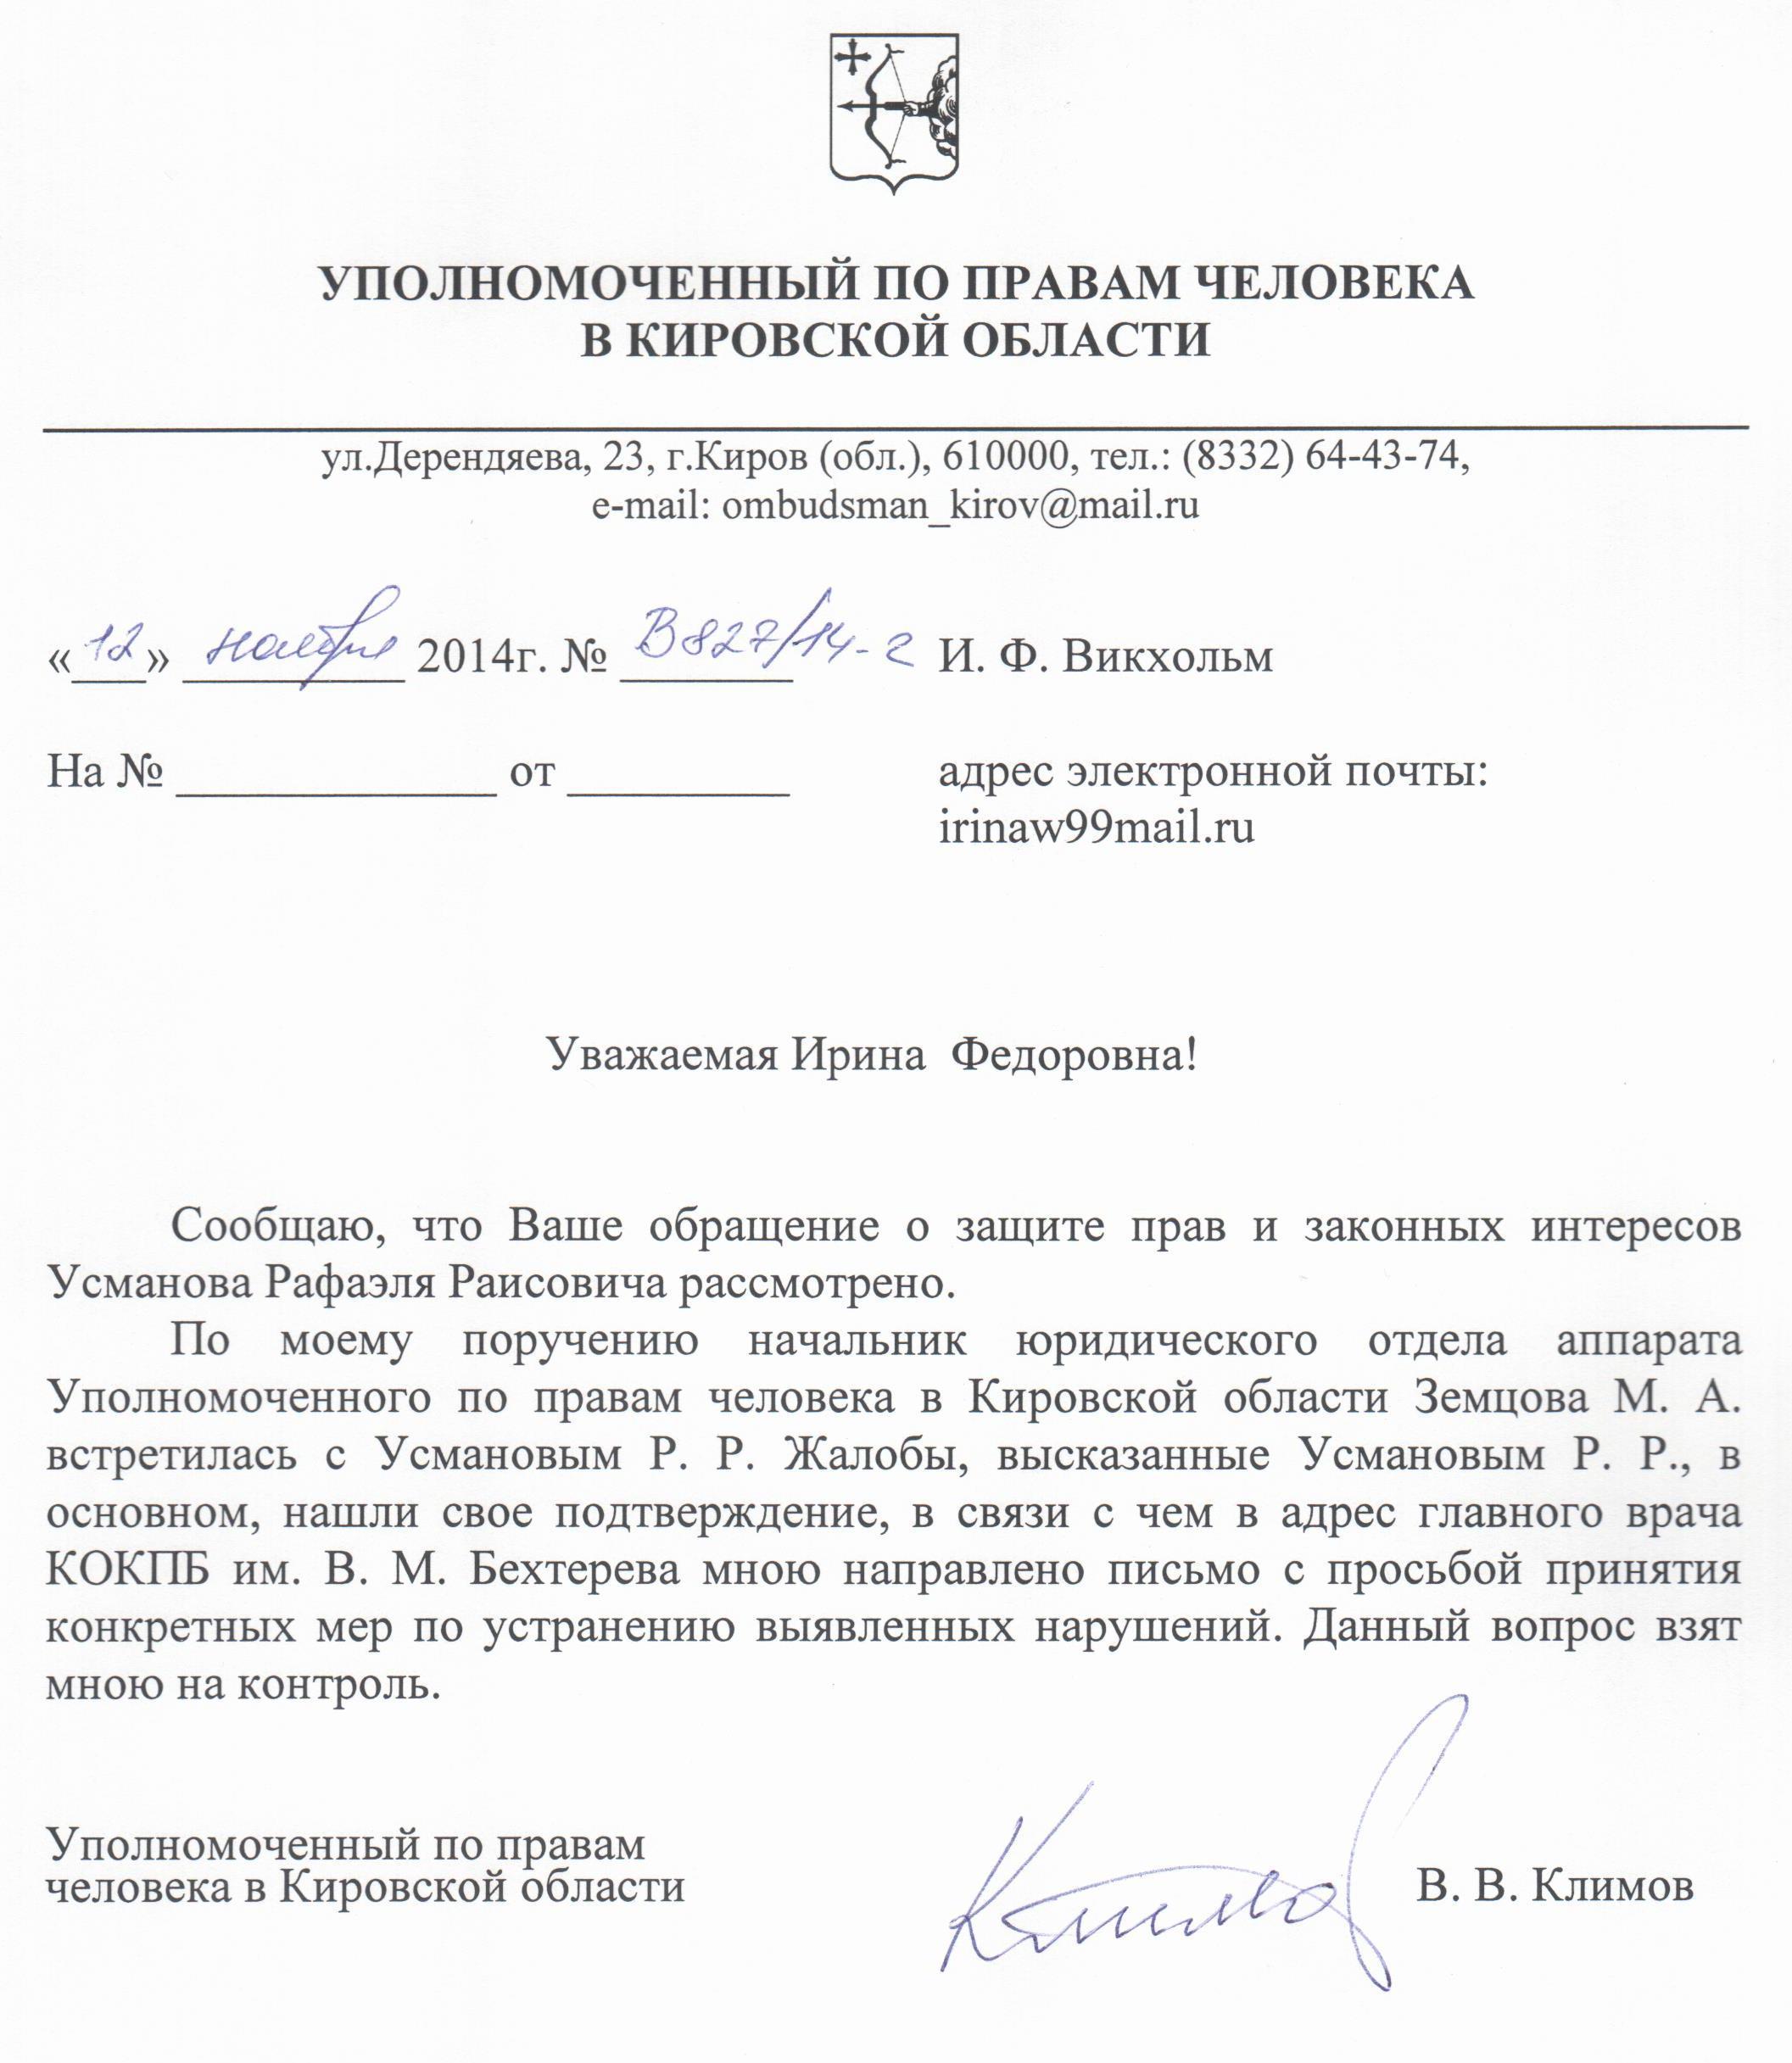 ответКлимов-12.11.2014